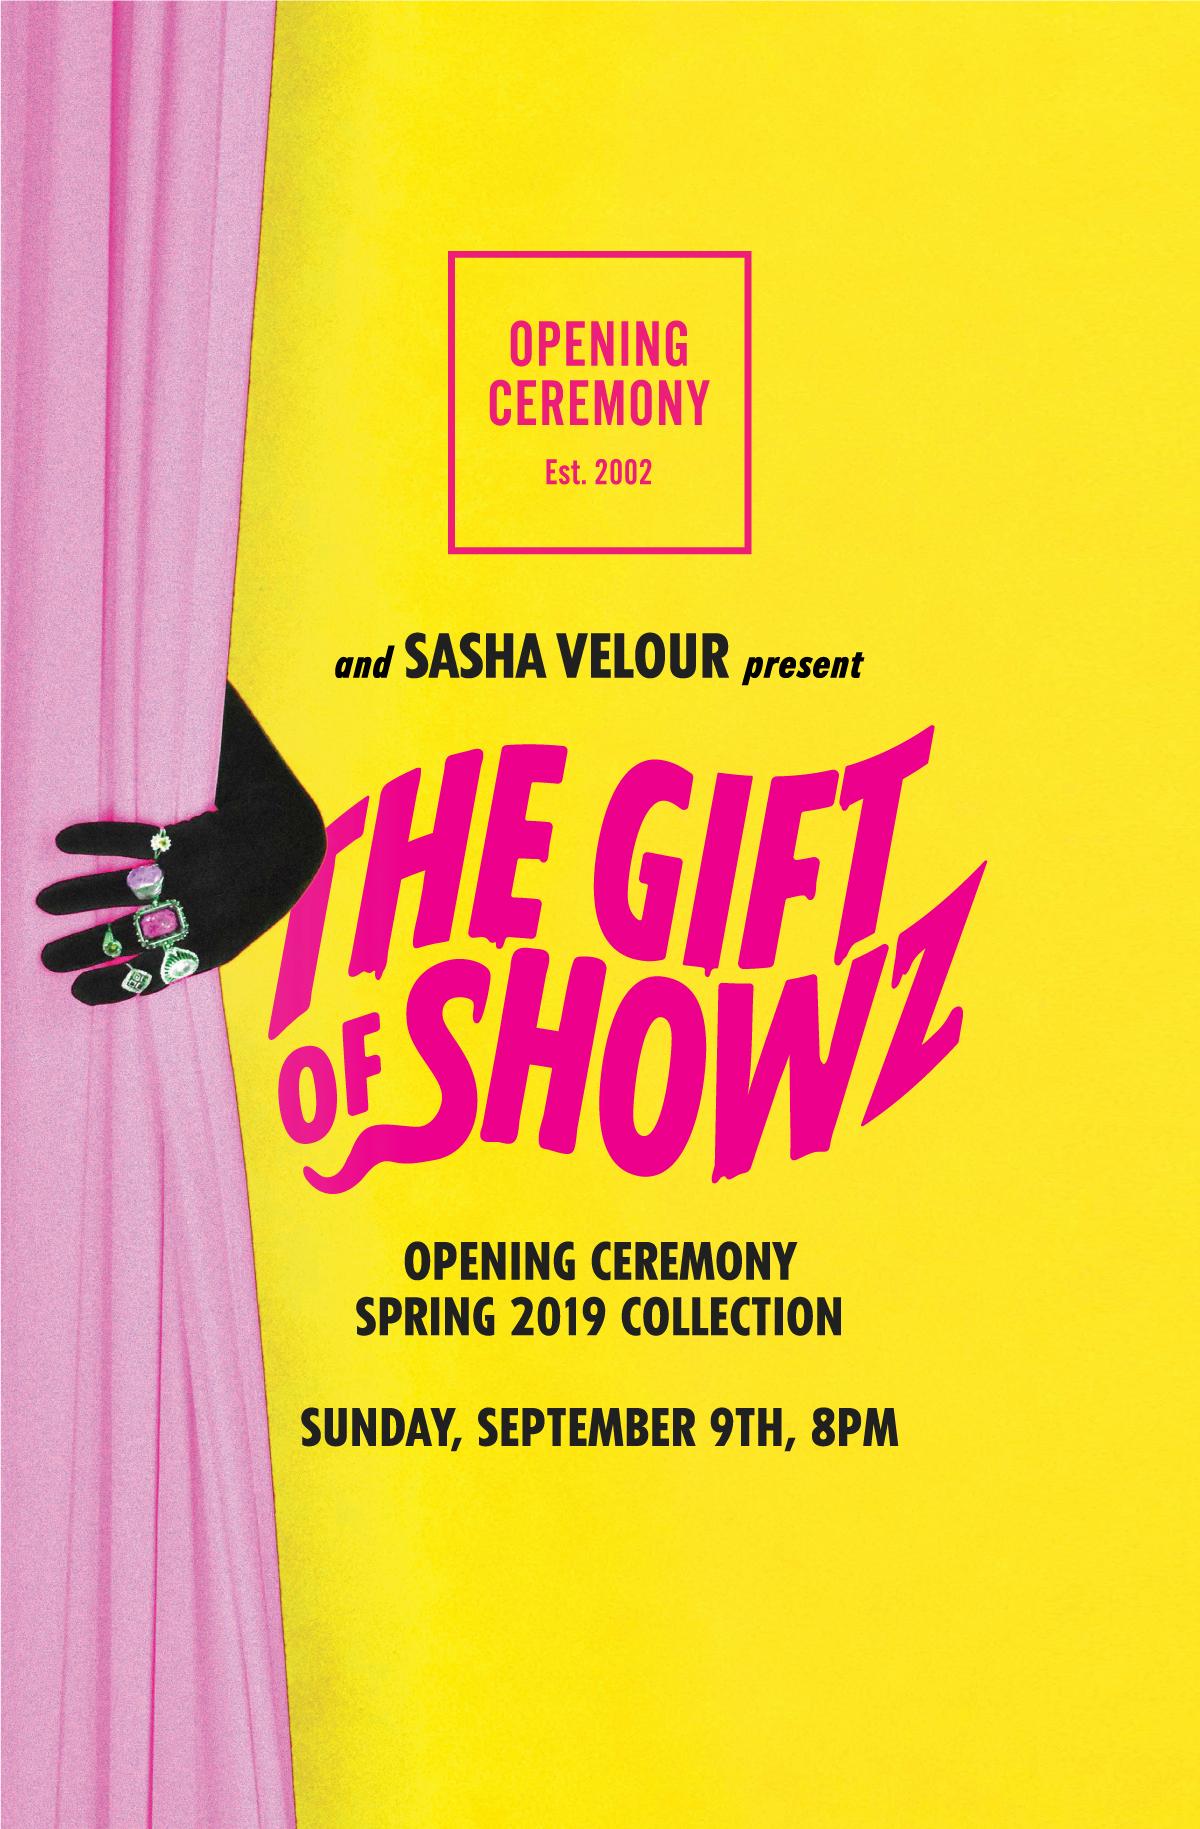 Sasha Velour open ceremony event poster